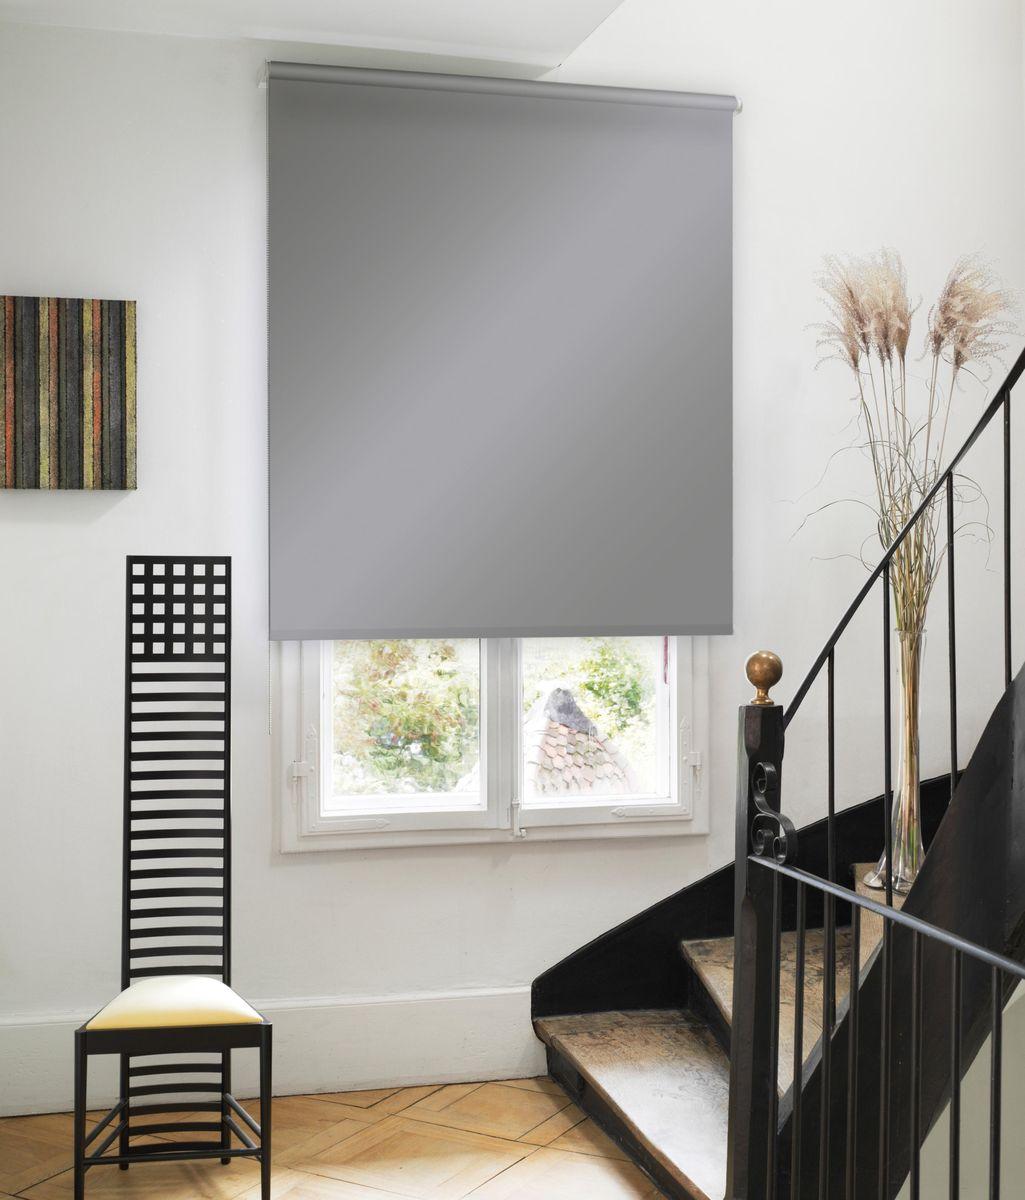 Штора рулонная Эскар, цвет: серый, ширина 140 см, высота 170 см81020140170Рулонными шторами можно оформлять окна как самостоятельно, так и использовать в комбинации с портьерами. Это поможет предотвратить выгорание дорогой ткани на солнце и соединит функционал рулонных с красотой навесных.Преимущества применения рулонных штор для пластиковых окон:- имеют прекрасный внешний вид: многообразие и фактурность материала изделия отлично смотрятся в любом интерьере; - многофункциональны: есть возможность подобрать шторы способные эффективно защитить комнату от солнца, при этом о на не будет слишком темной. - Есть возможность осуществить быстрый монтаж. ВНИМАНИЕ! Размеры ширины изделия указаны по ширине ткани!Во время эксплуатации не рекомендуется полностью разматывать рулон, чтобы не оторвать ткань от намоточного вала.В случае загрязнения поверхности ткани, чистку шторы проводят одним из способов, в зависимости от типа загрязнения: легкое поверхностное загрязнение можно удалить при помощи канцелярского ластика; чистка от пыли производится сухим методом при помощи пылесоса с мягкой щеткой-насадкой; для удаления пятна используйте мягкую губку с пенообразующим неагрессивным моющим средством или пятновыводитель на натуральной основе (нельзя применять растворители).